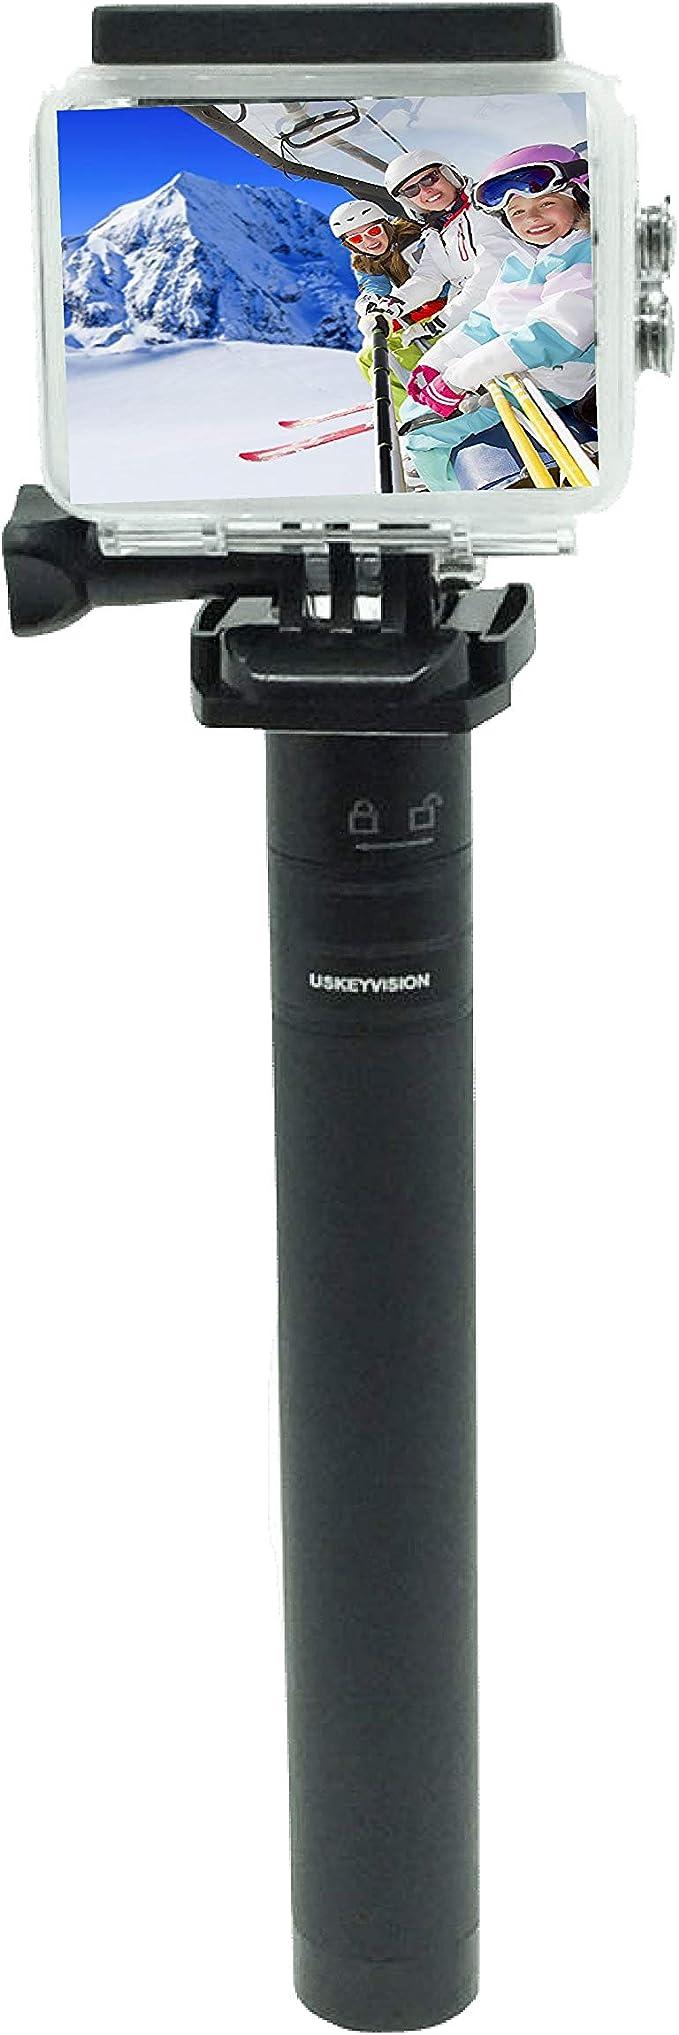 Hohem//DJI Osmo//Zhiyun//Feiyu USKEYVISION Monopi/é de extensi/ón Gimbal de 73,66 cm estabilizador de 3 ejes UV Expert barra de mano ajustable